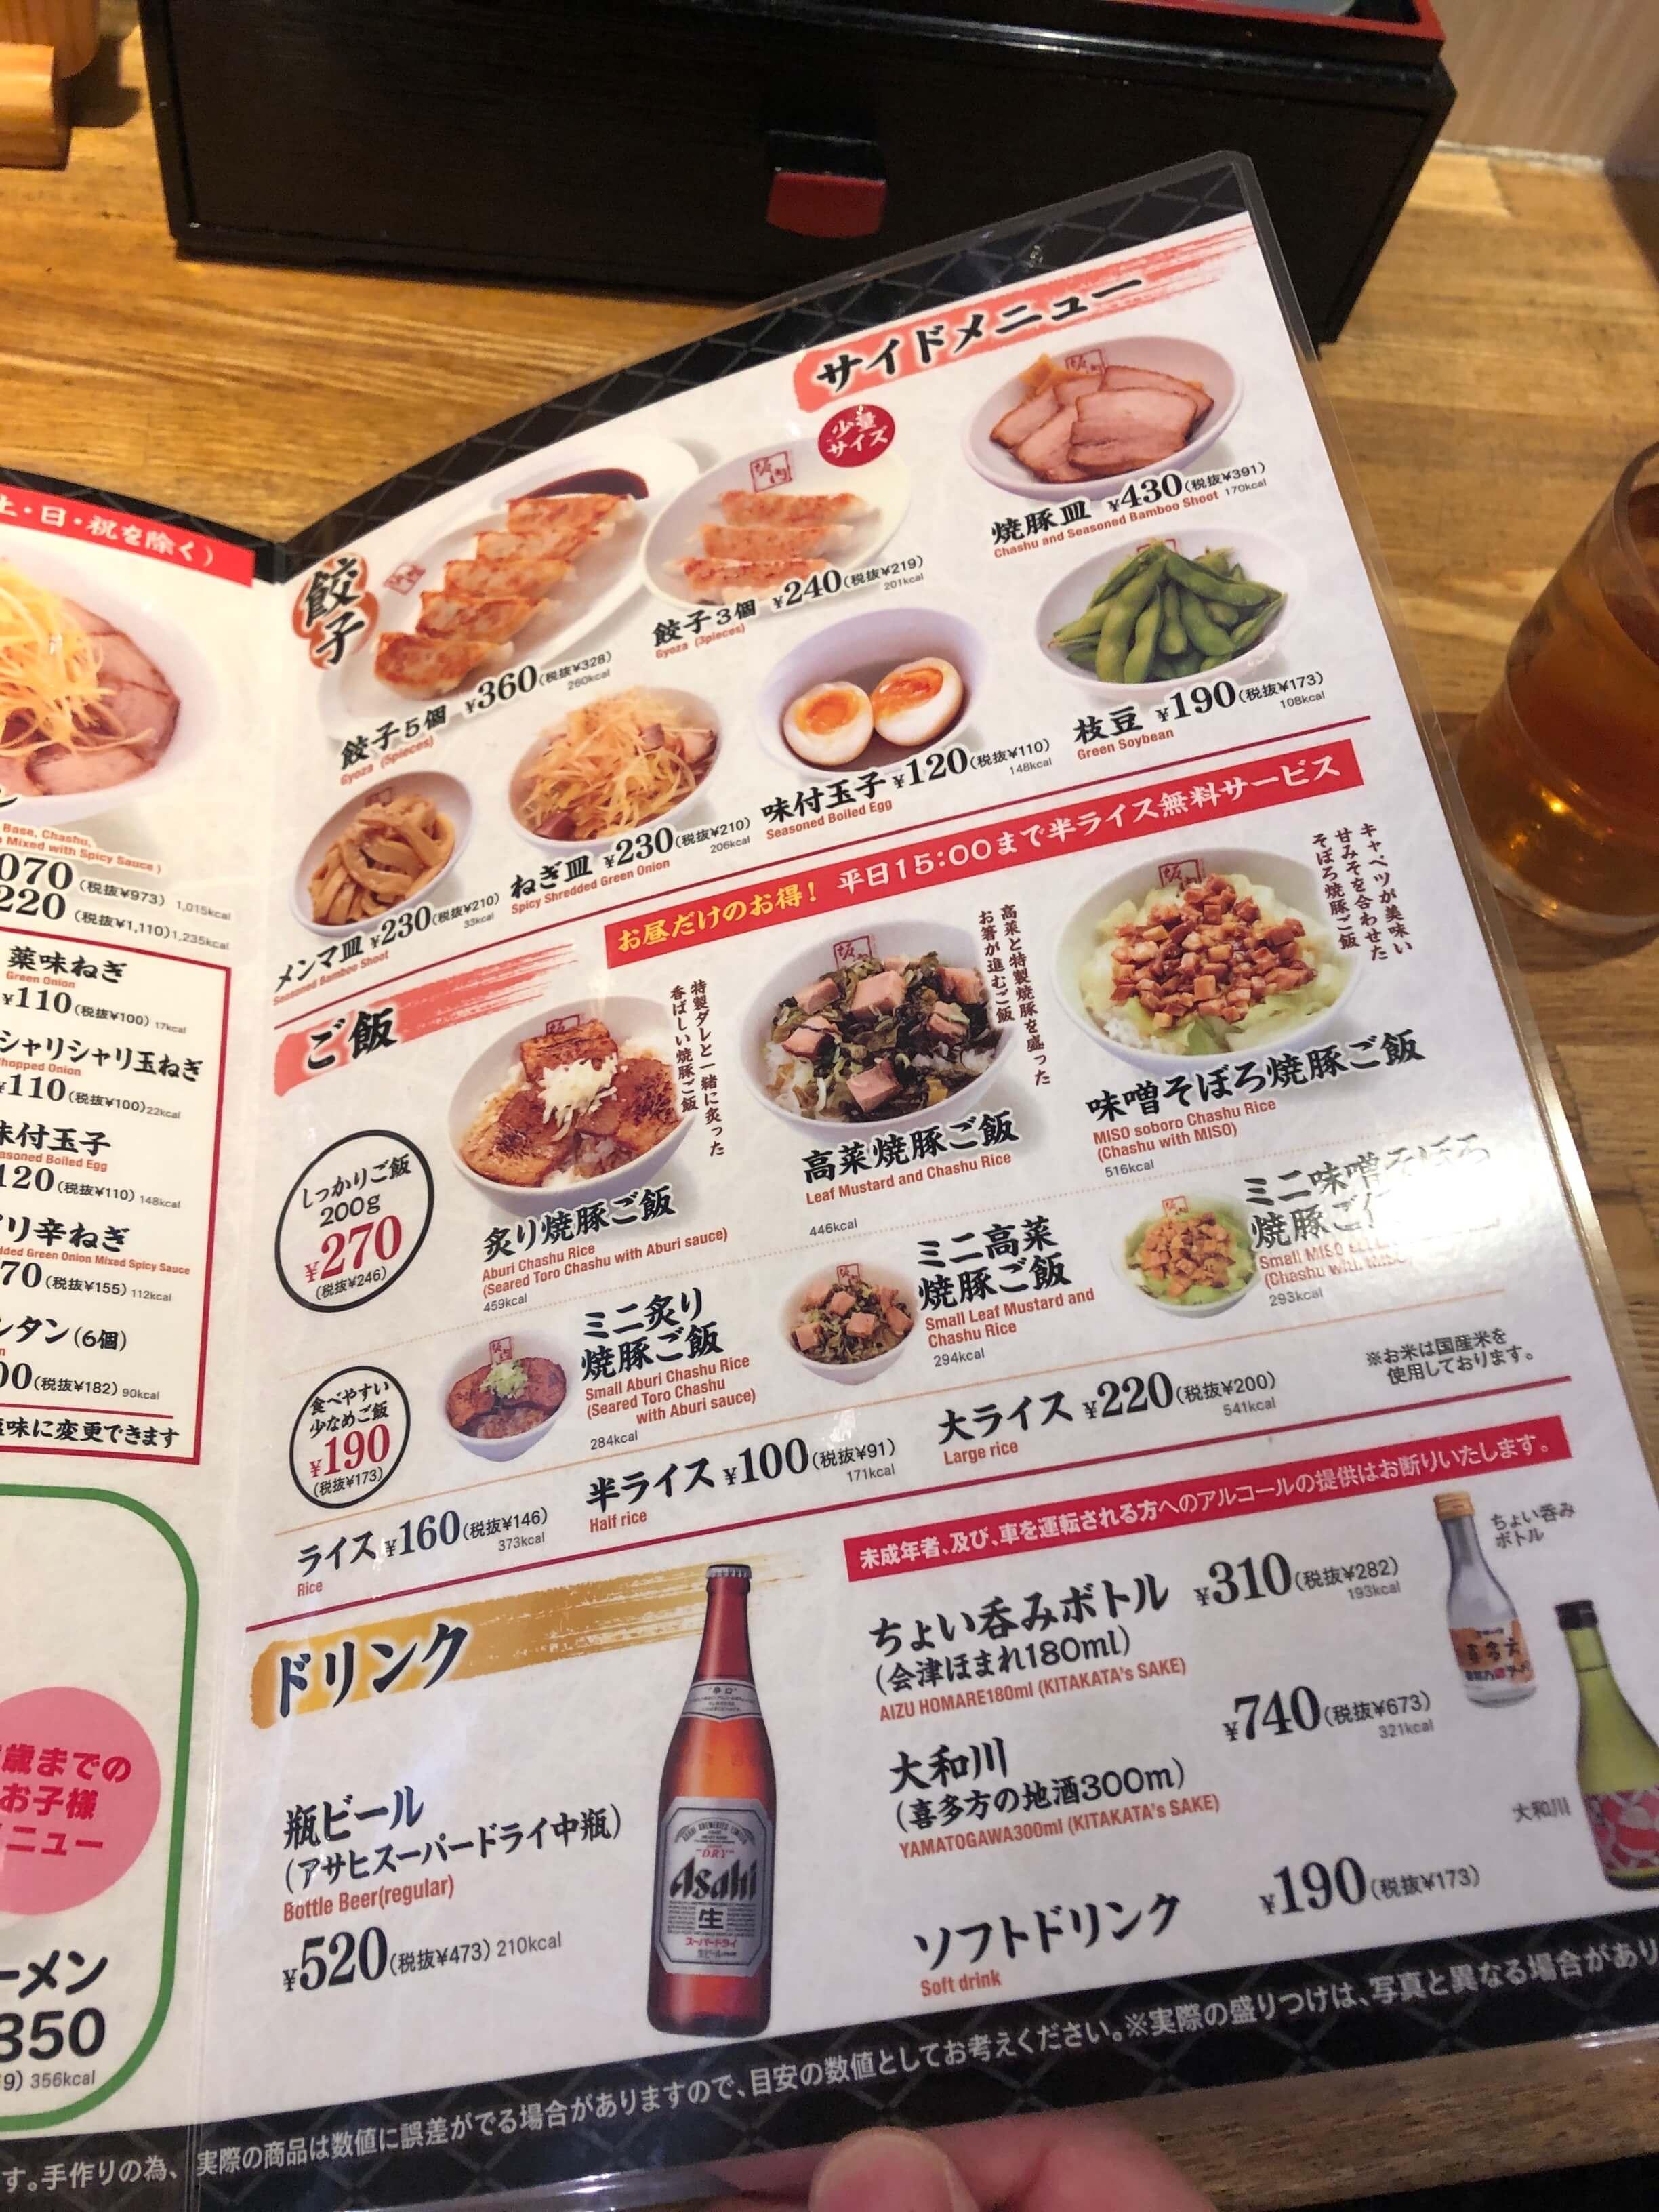 喜多方ラーメン 坂内 メニュー 2020.02.06